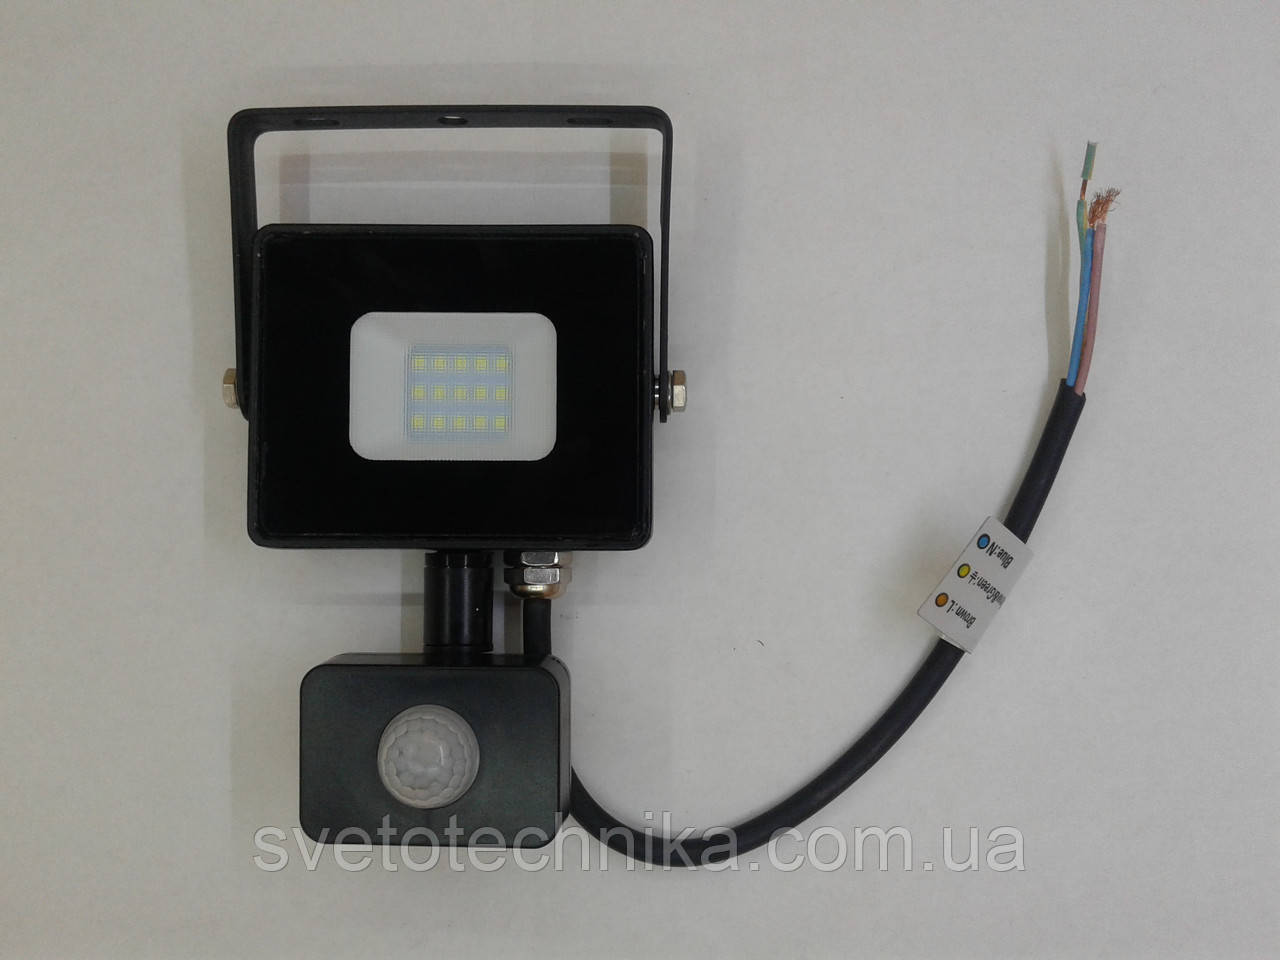 Прожектор светодиодный c датчиком Feron LL906 20W 6400K